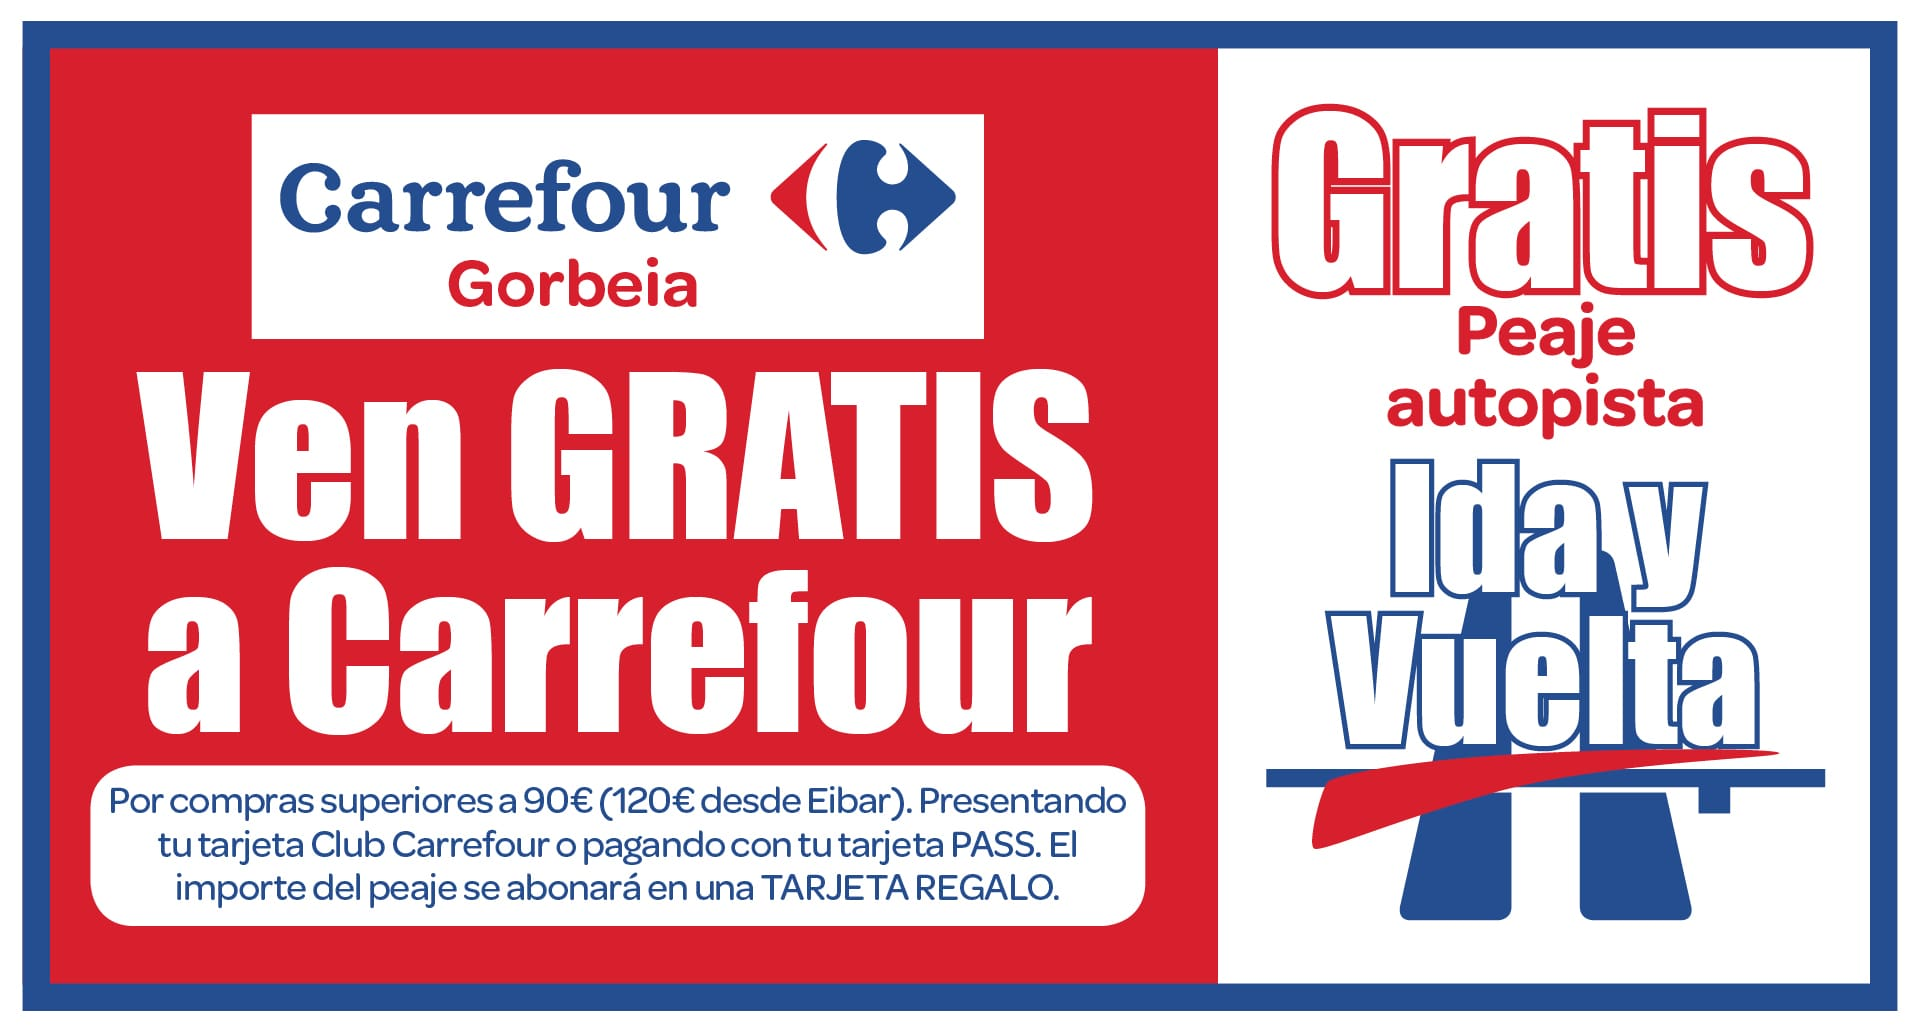 Carrefour te paga el peaje ida y vuelta de la autopista